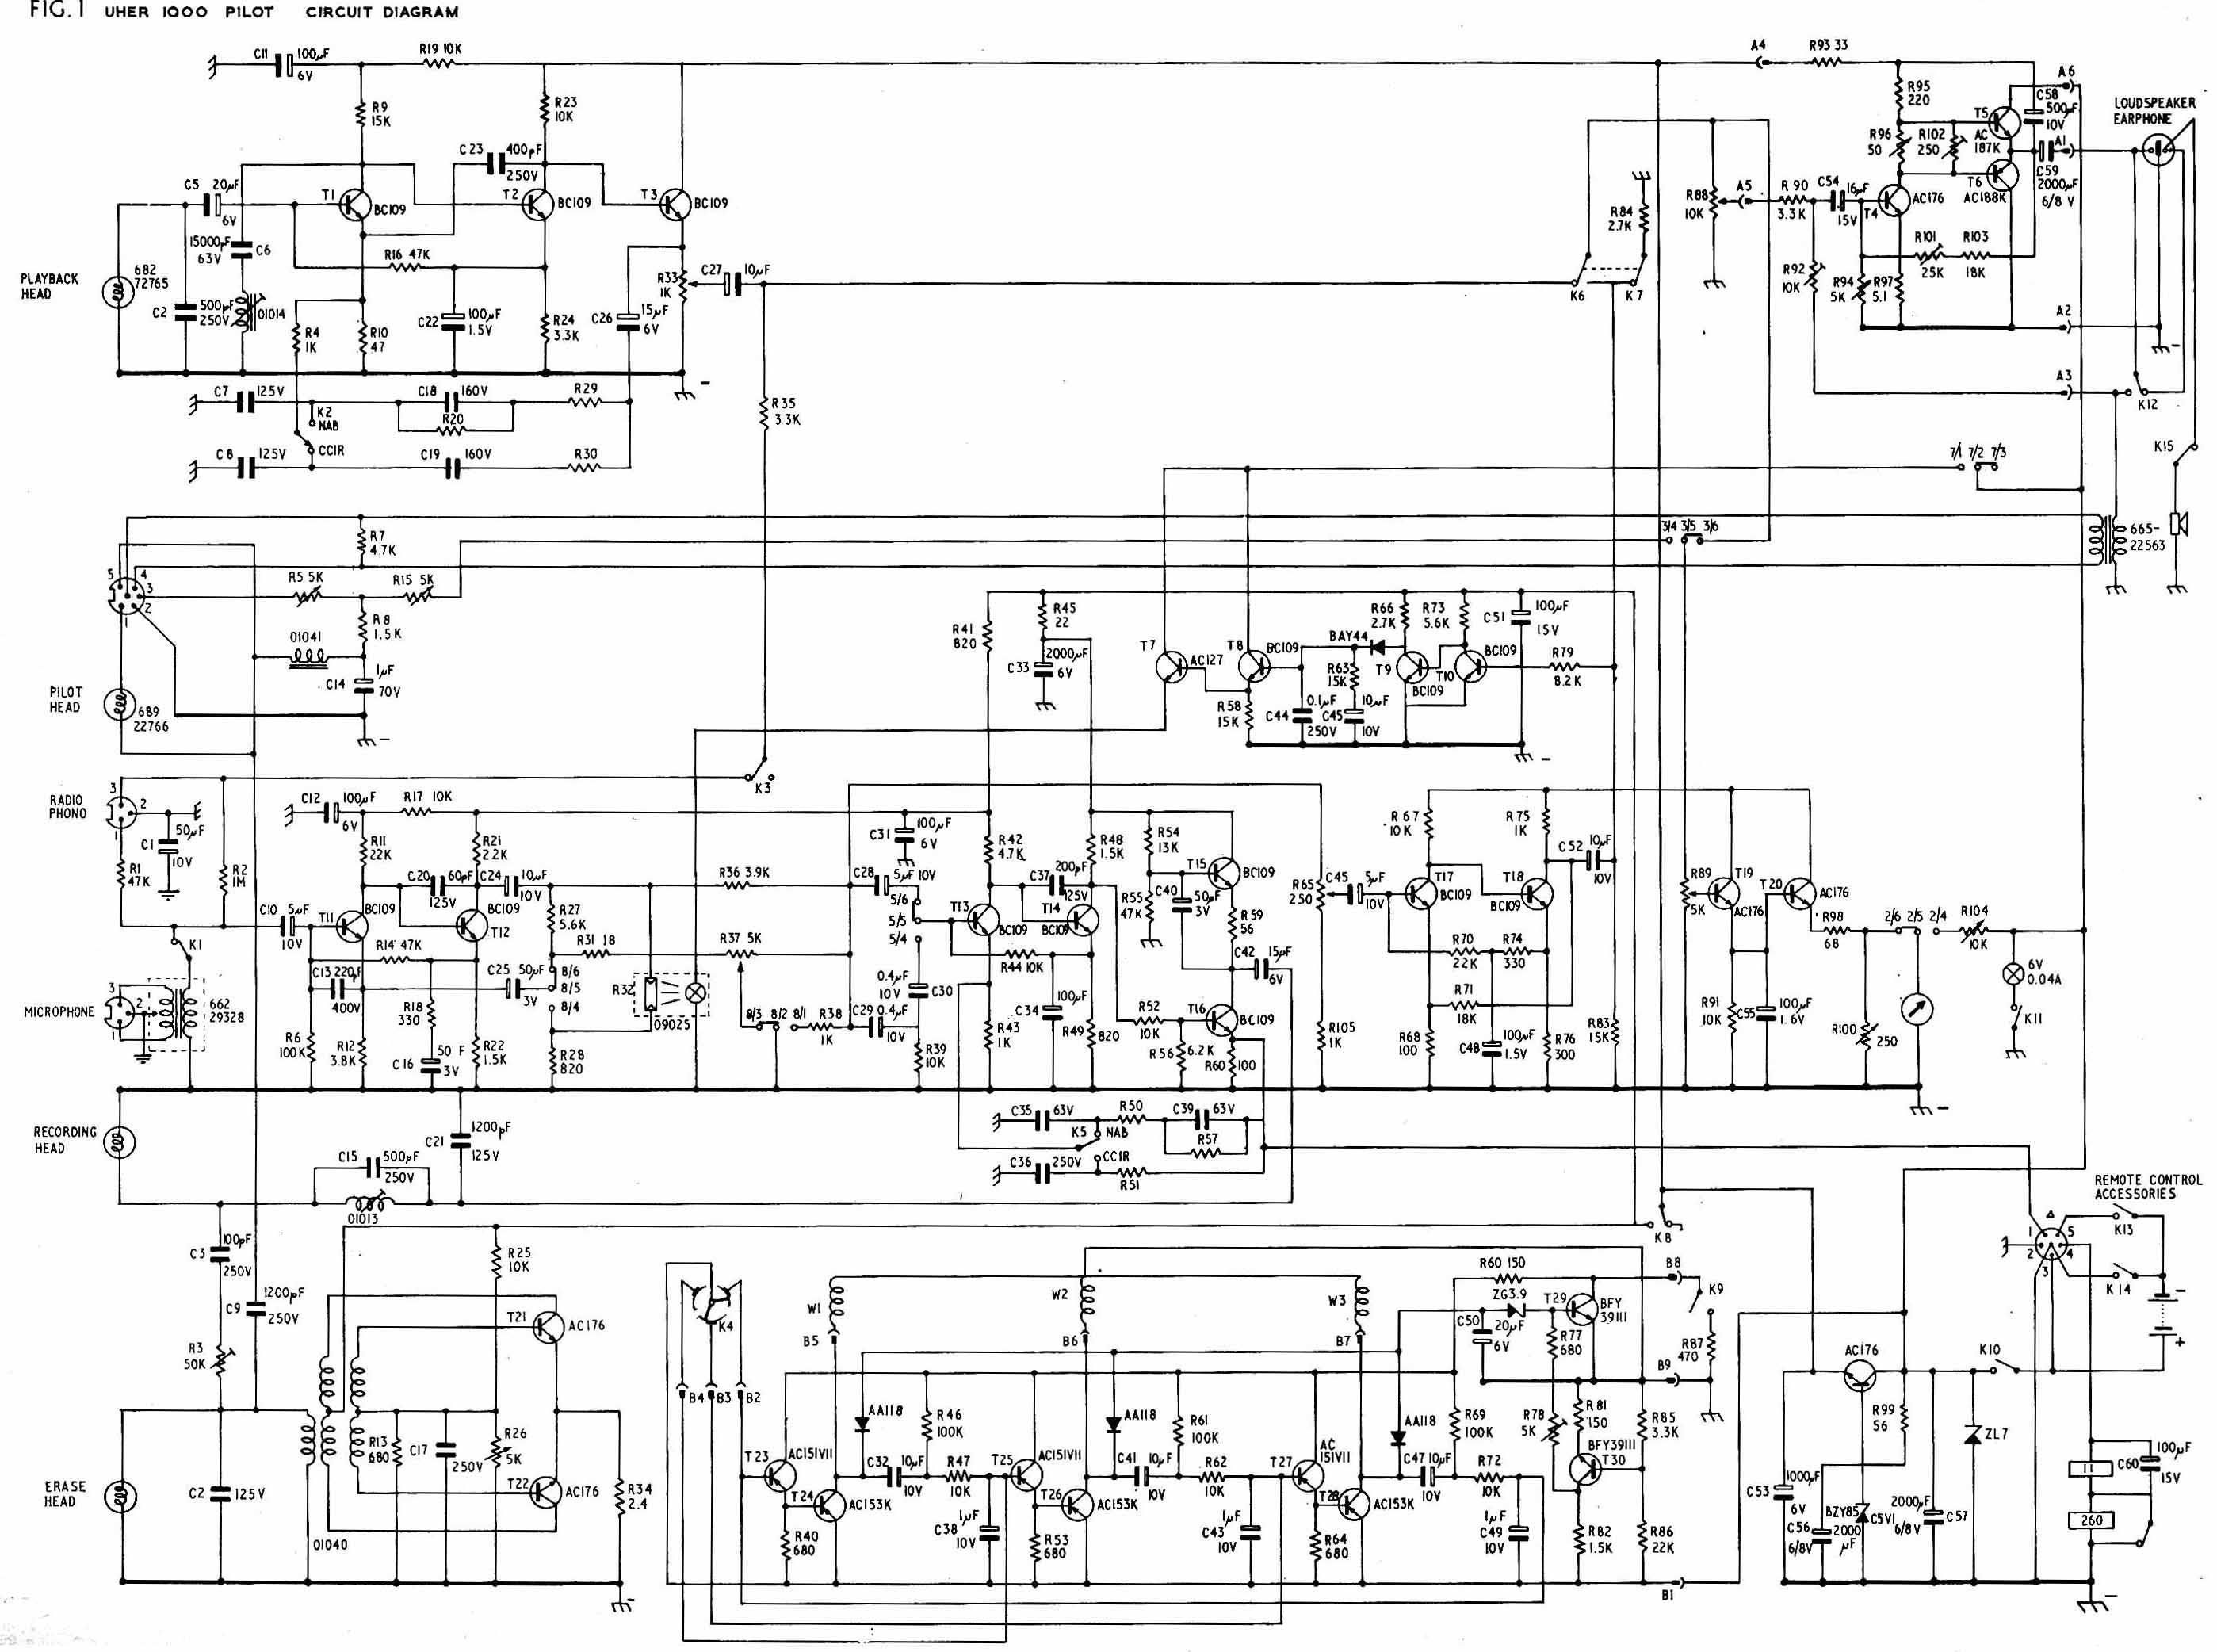 uher circuit diagram